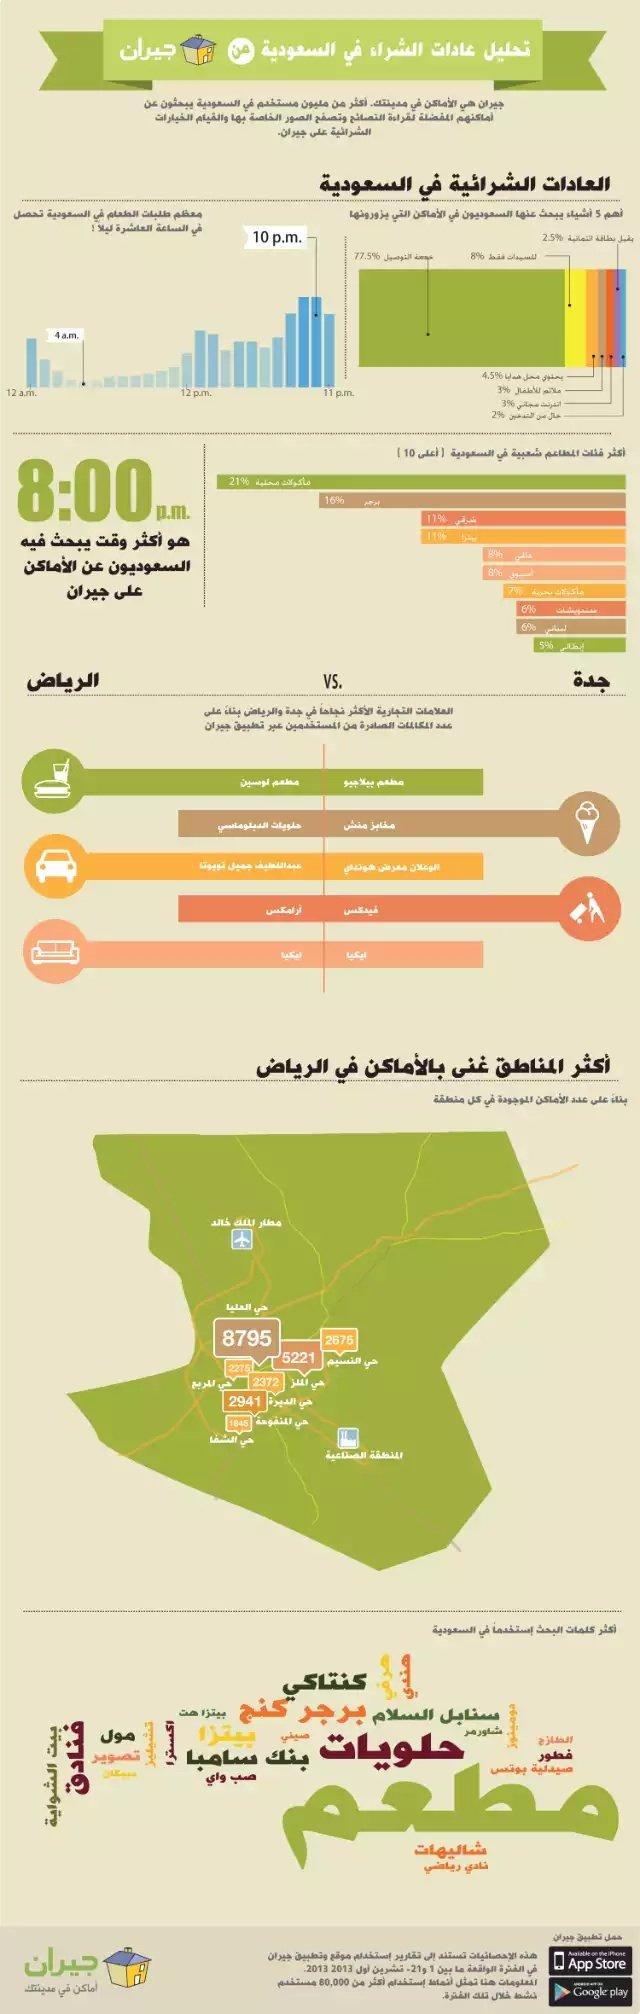 تحليل العادات الشرائية للسعوديين من خلال بيانات #جيران #انفوجرافيك